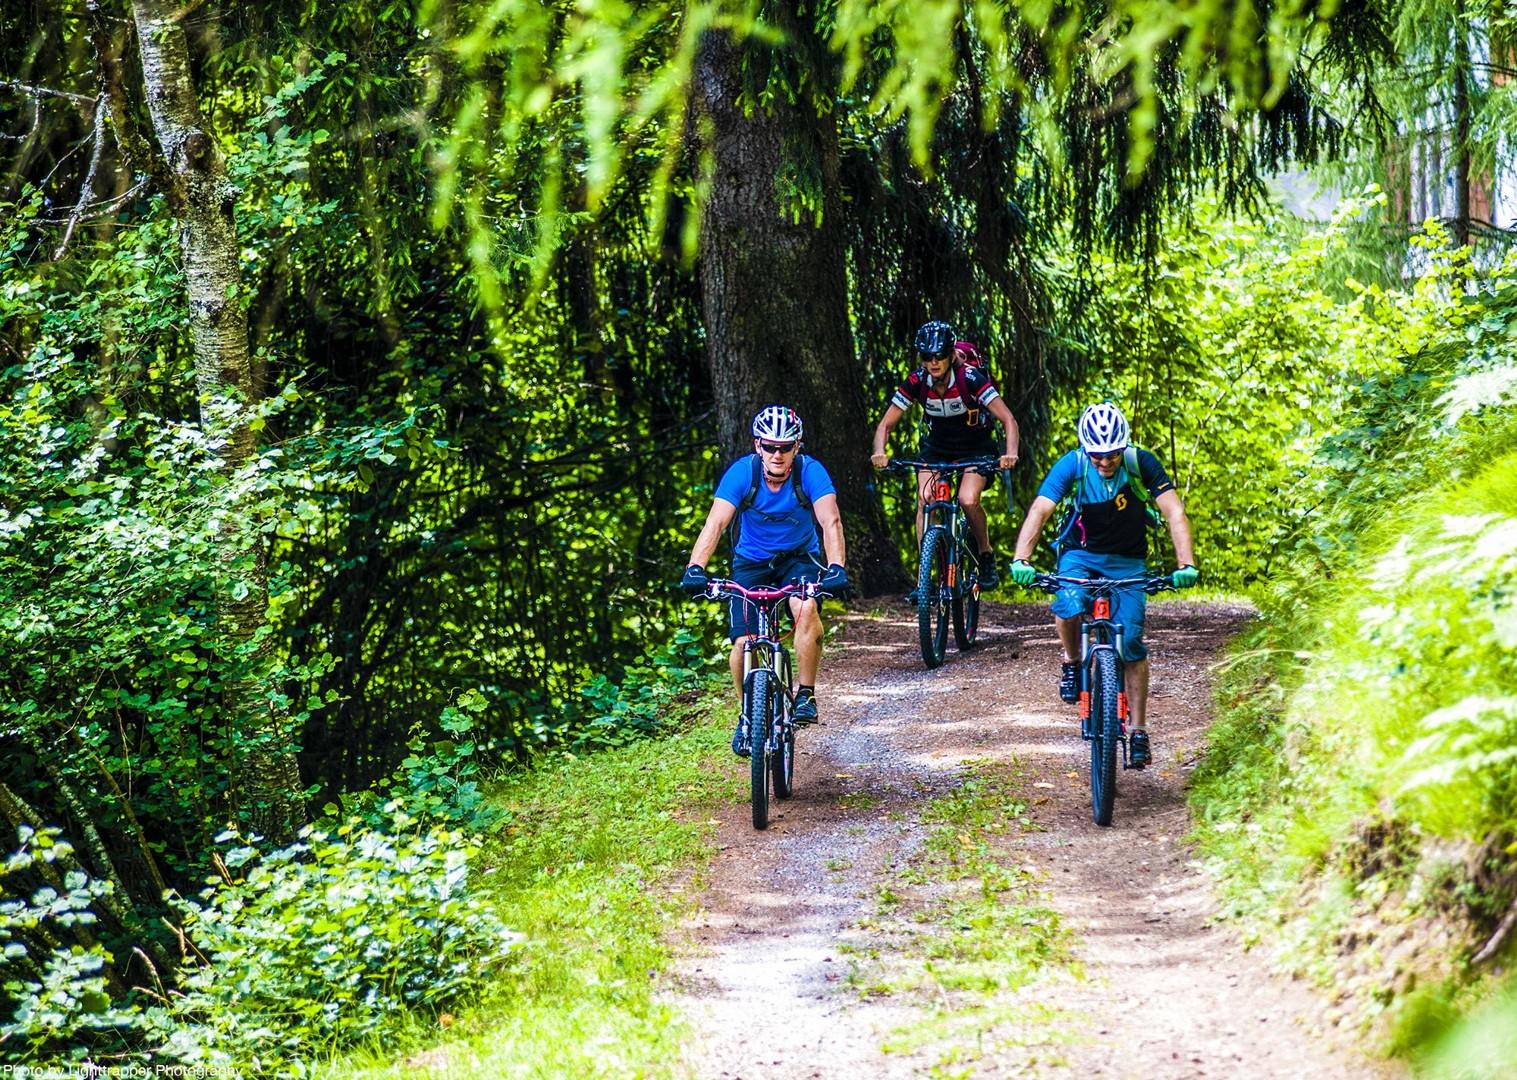 saddle_skedaddle_italy_2017_day6_brenta_dolomites_142-2.jpg - Italy - Dolomites of Brenta - Guided Mountain Bike Holiday - Italia Mountain Biking